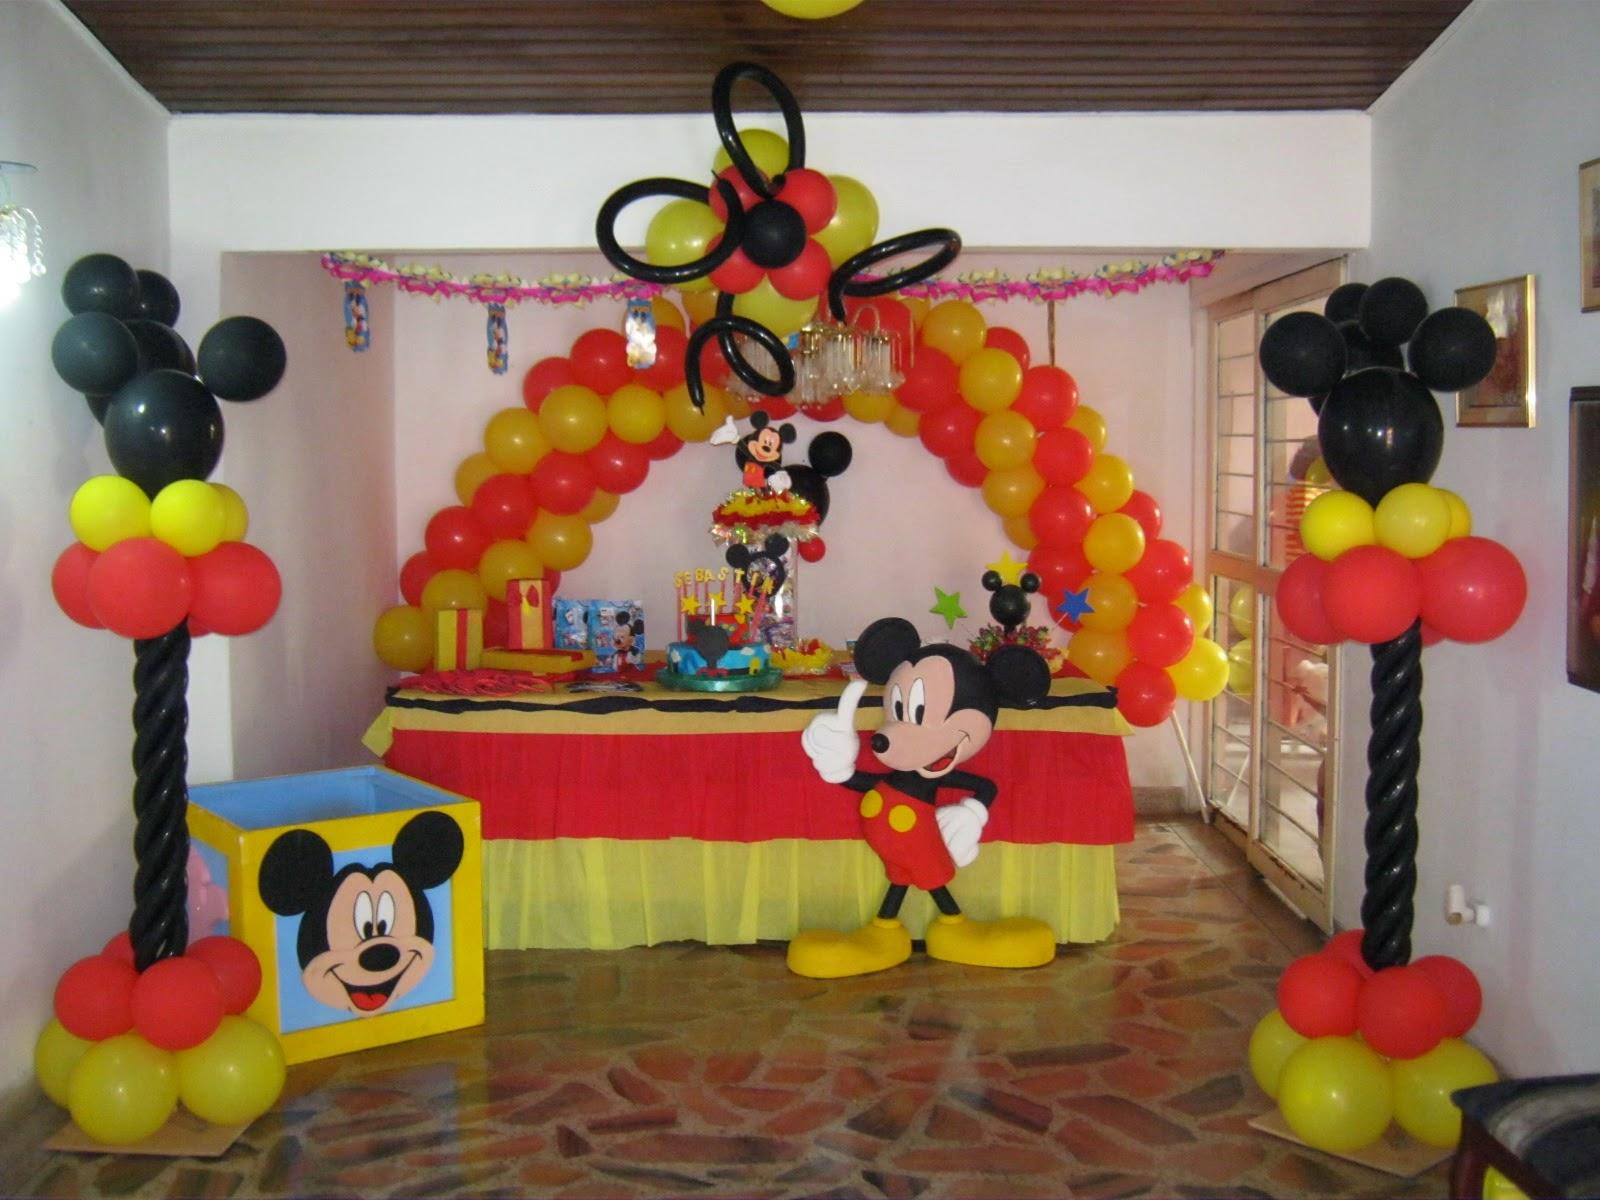 Todo para tus fiestas decoraci n fiesta mickey mouse - Decoracion para fiestas infantiles mickey mouse ...